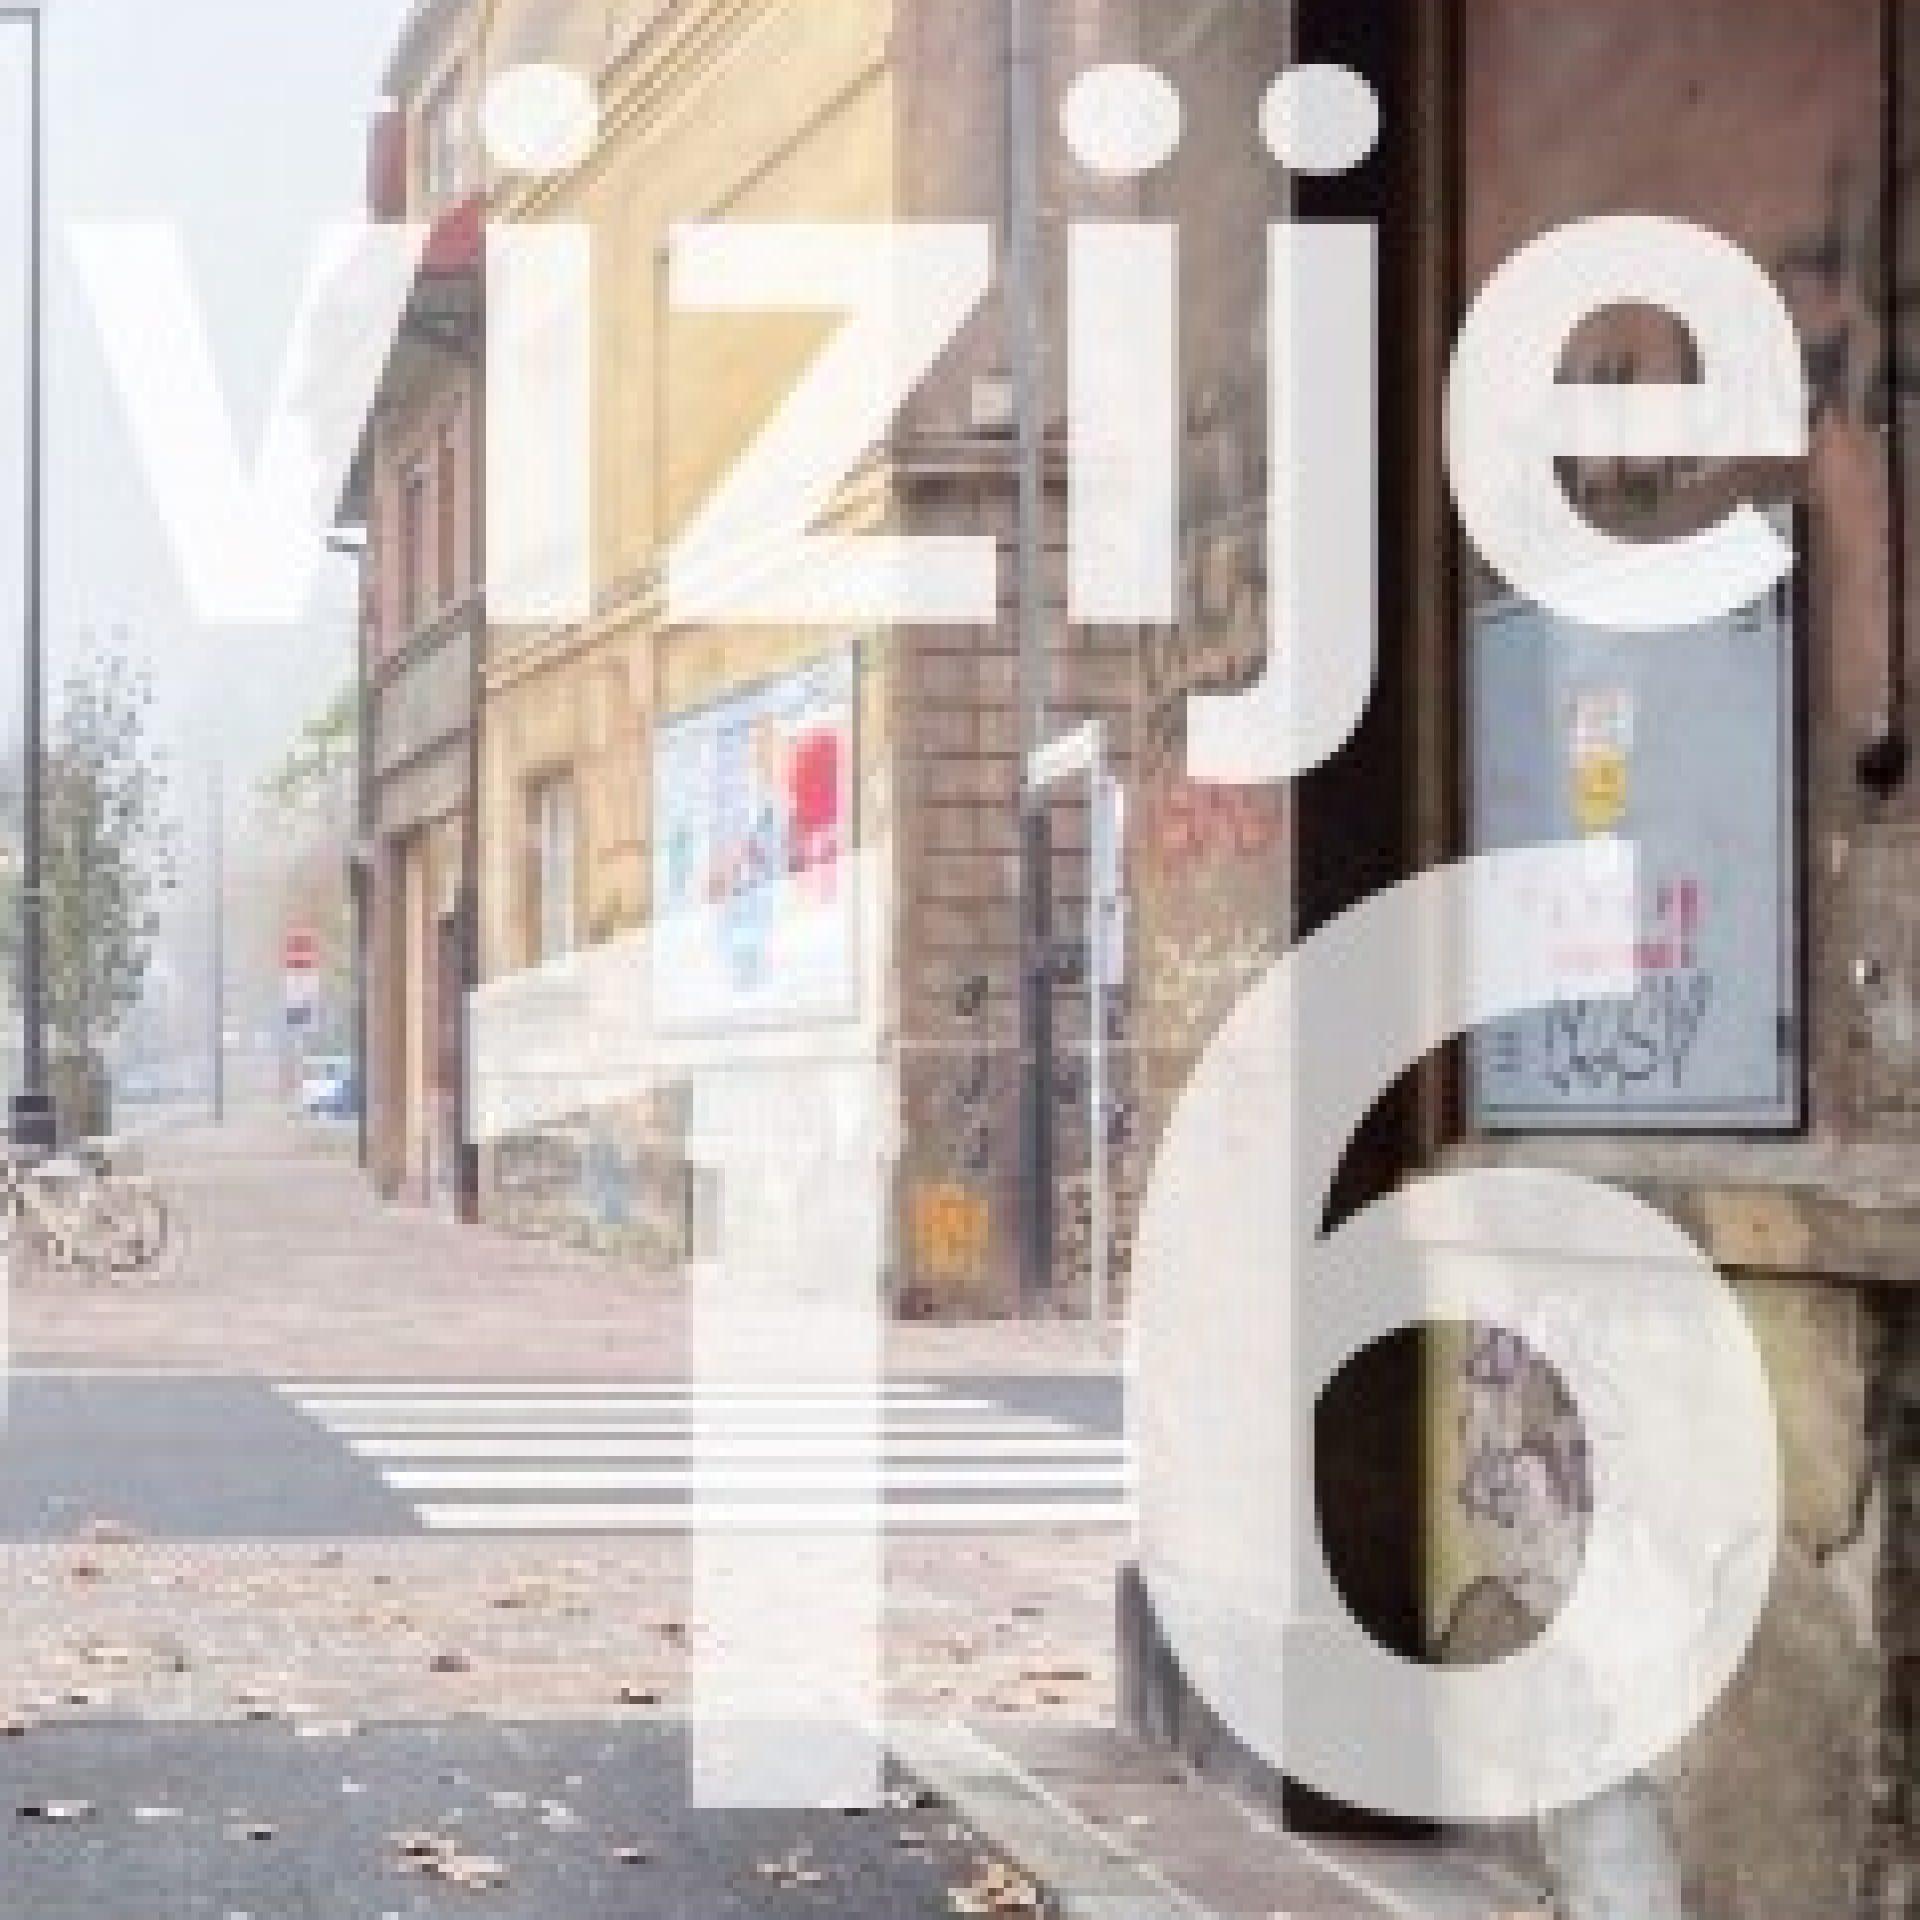 Vizije so 16: Mesto 65+